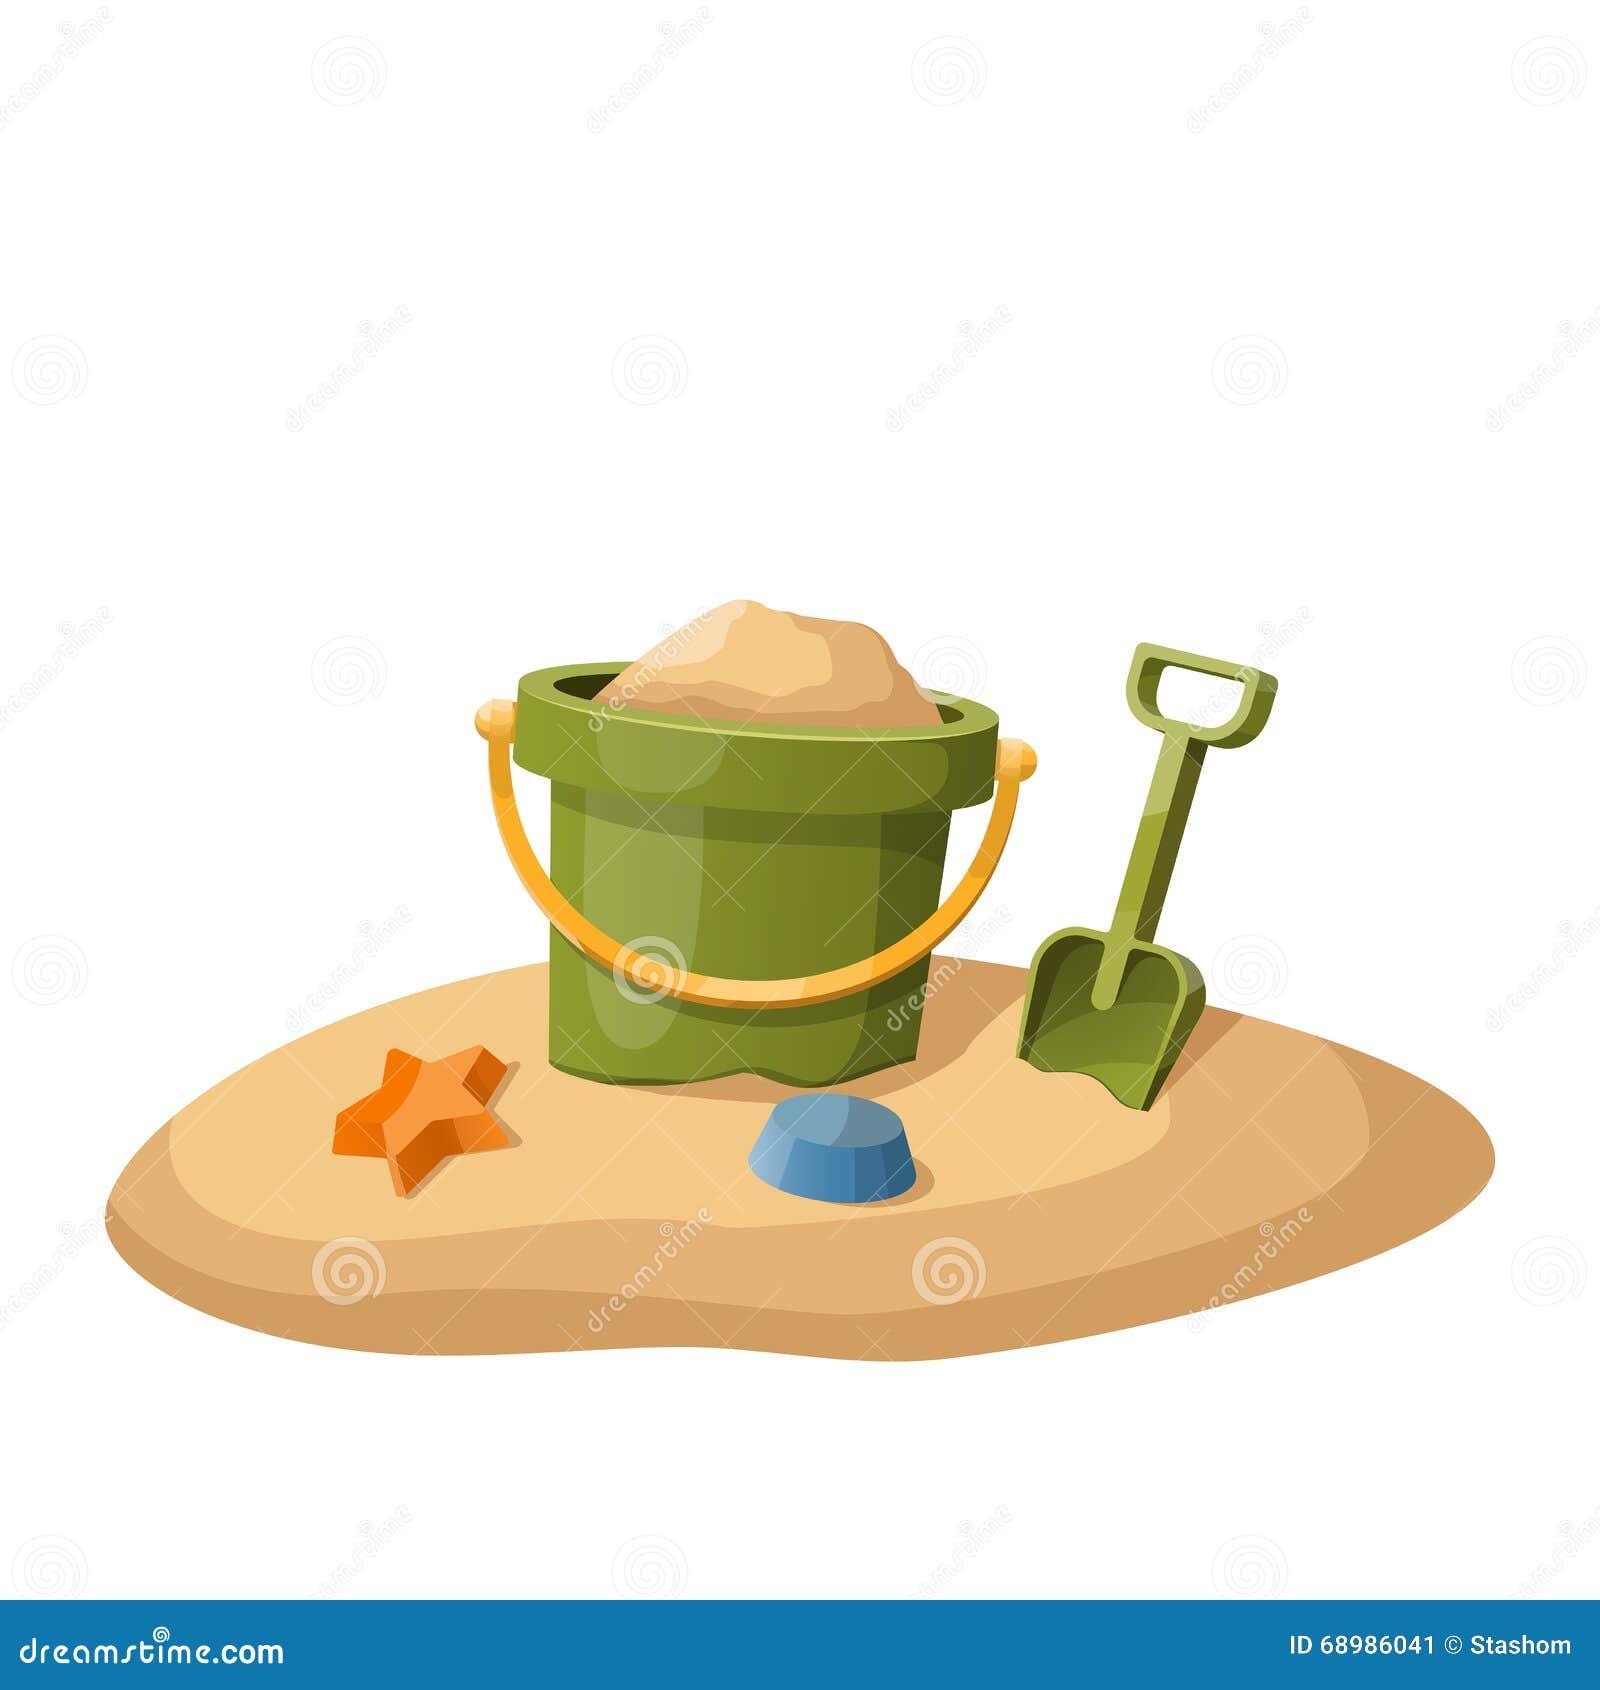 Juegue el cubo y la pala en arena en blanco